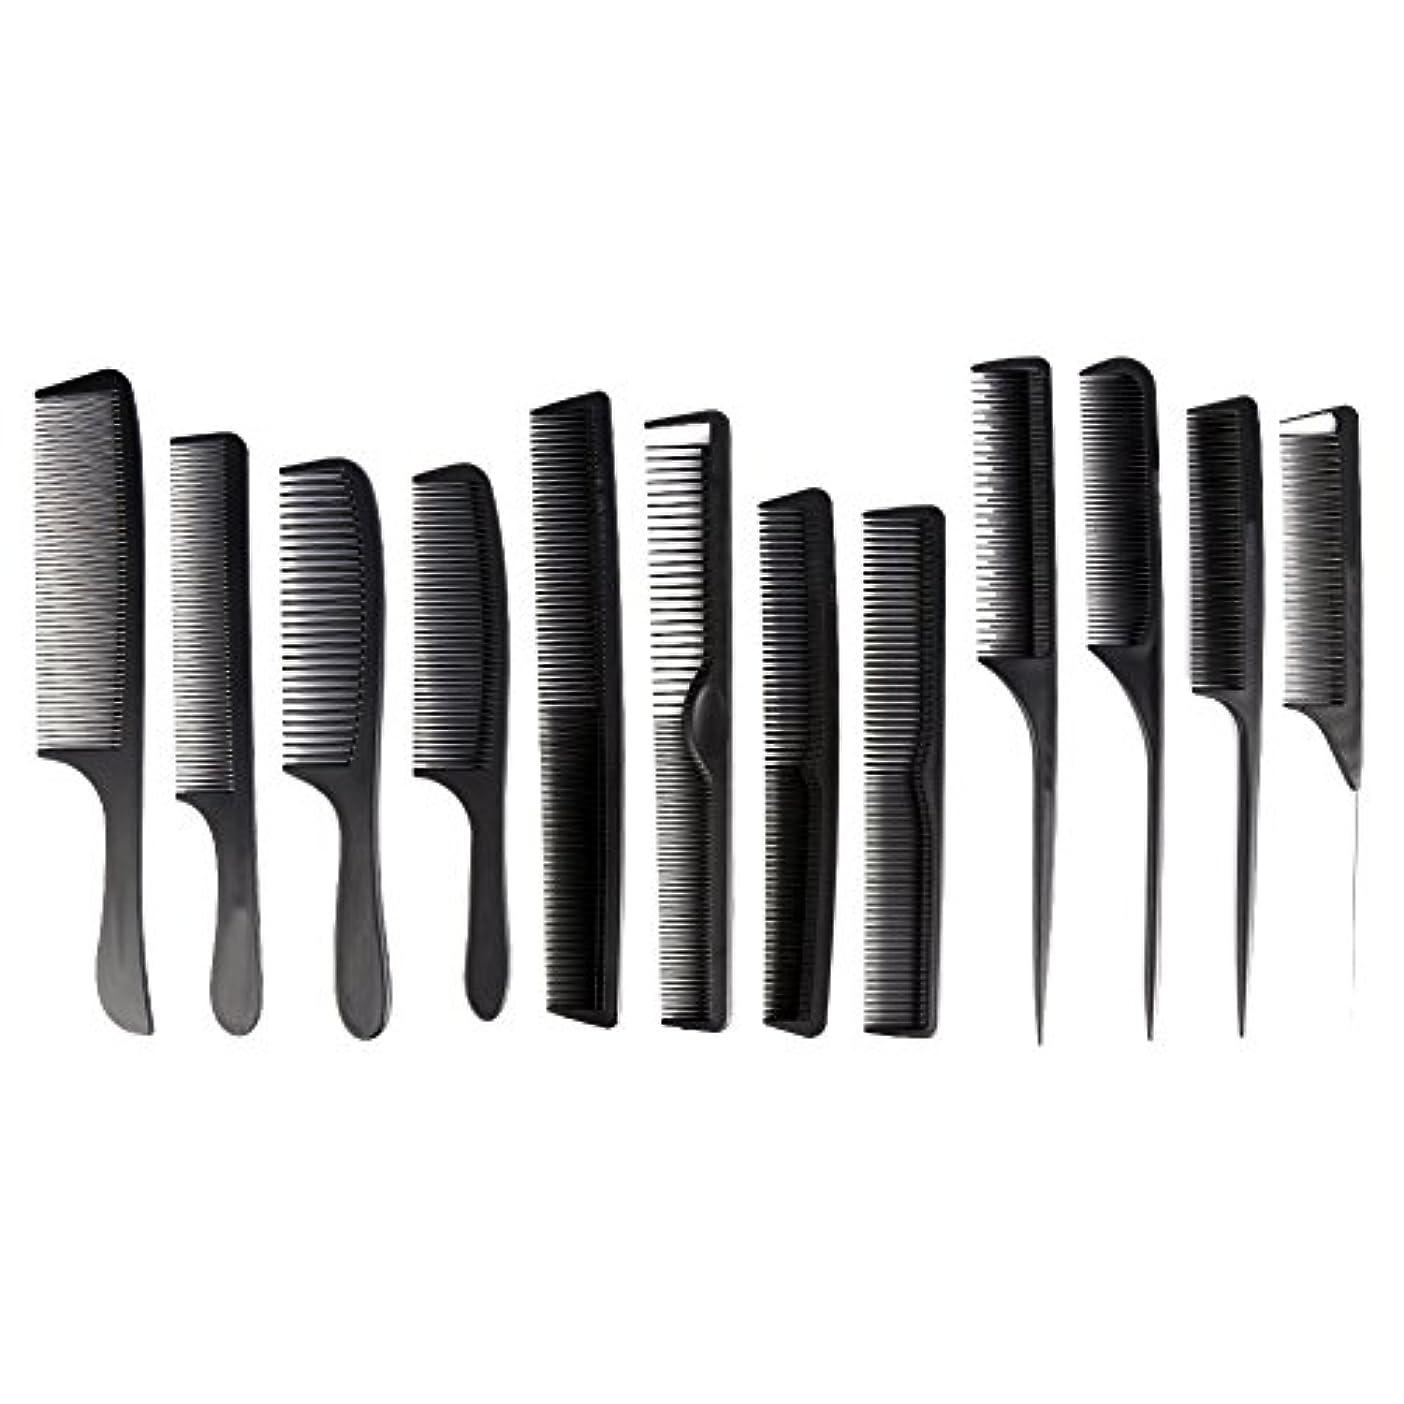 型ペルメル不利カットコーム 散髪用コーム コームセット12点セット プロ用ヘアコーム  静電気減少 軽量 サロン/美容室/床屋など適用